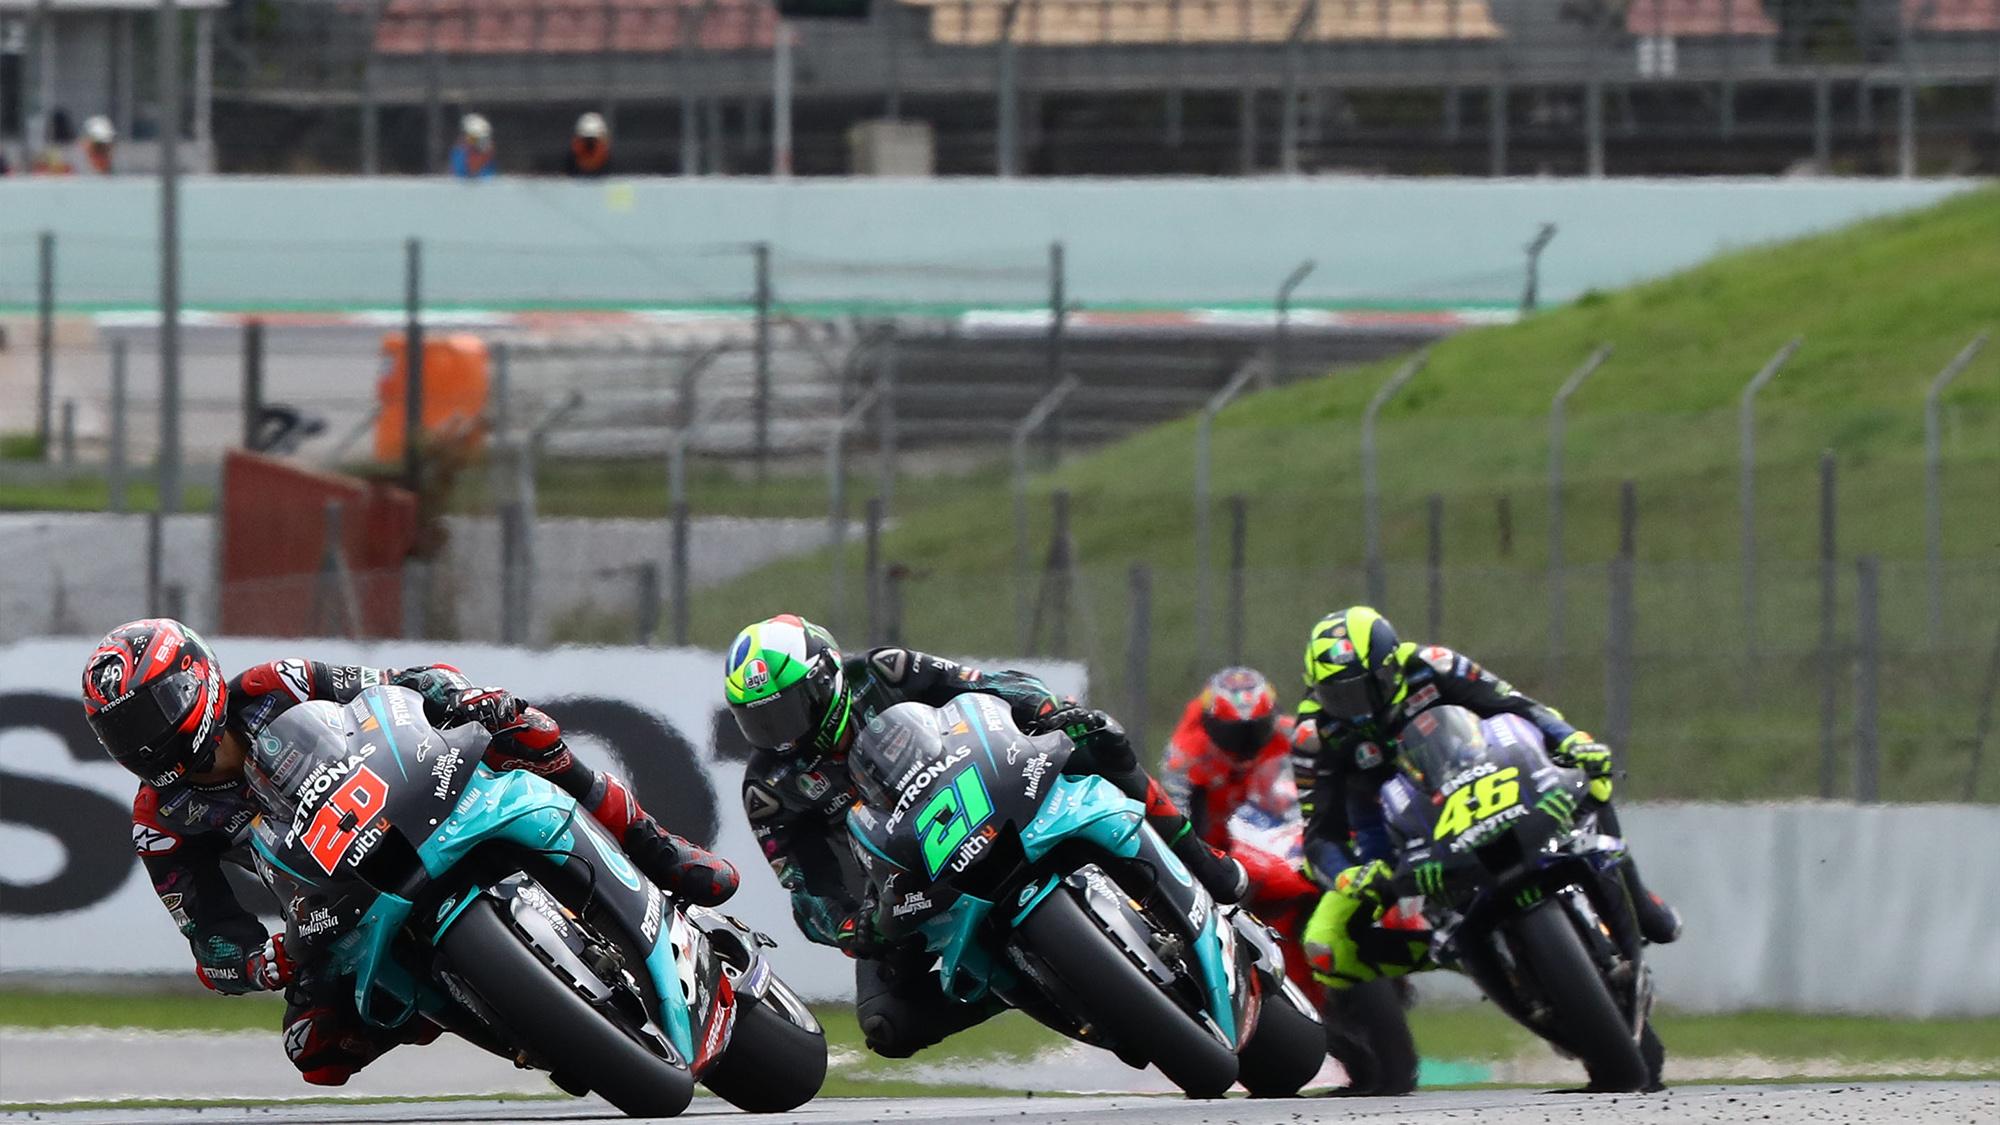 Fabio Quartararo leads Franco Morbidelli and Valentino Rossi in the 2020 MotoGP Catalan Grand Prix